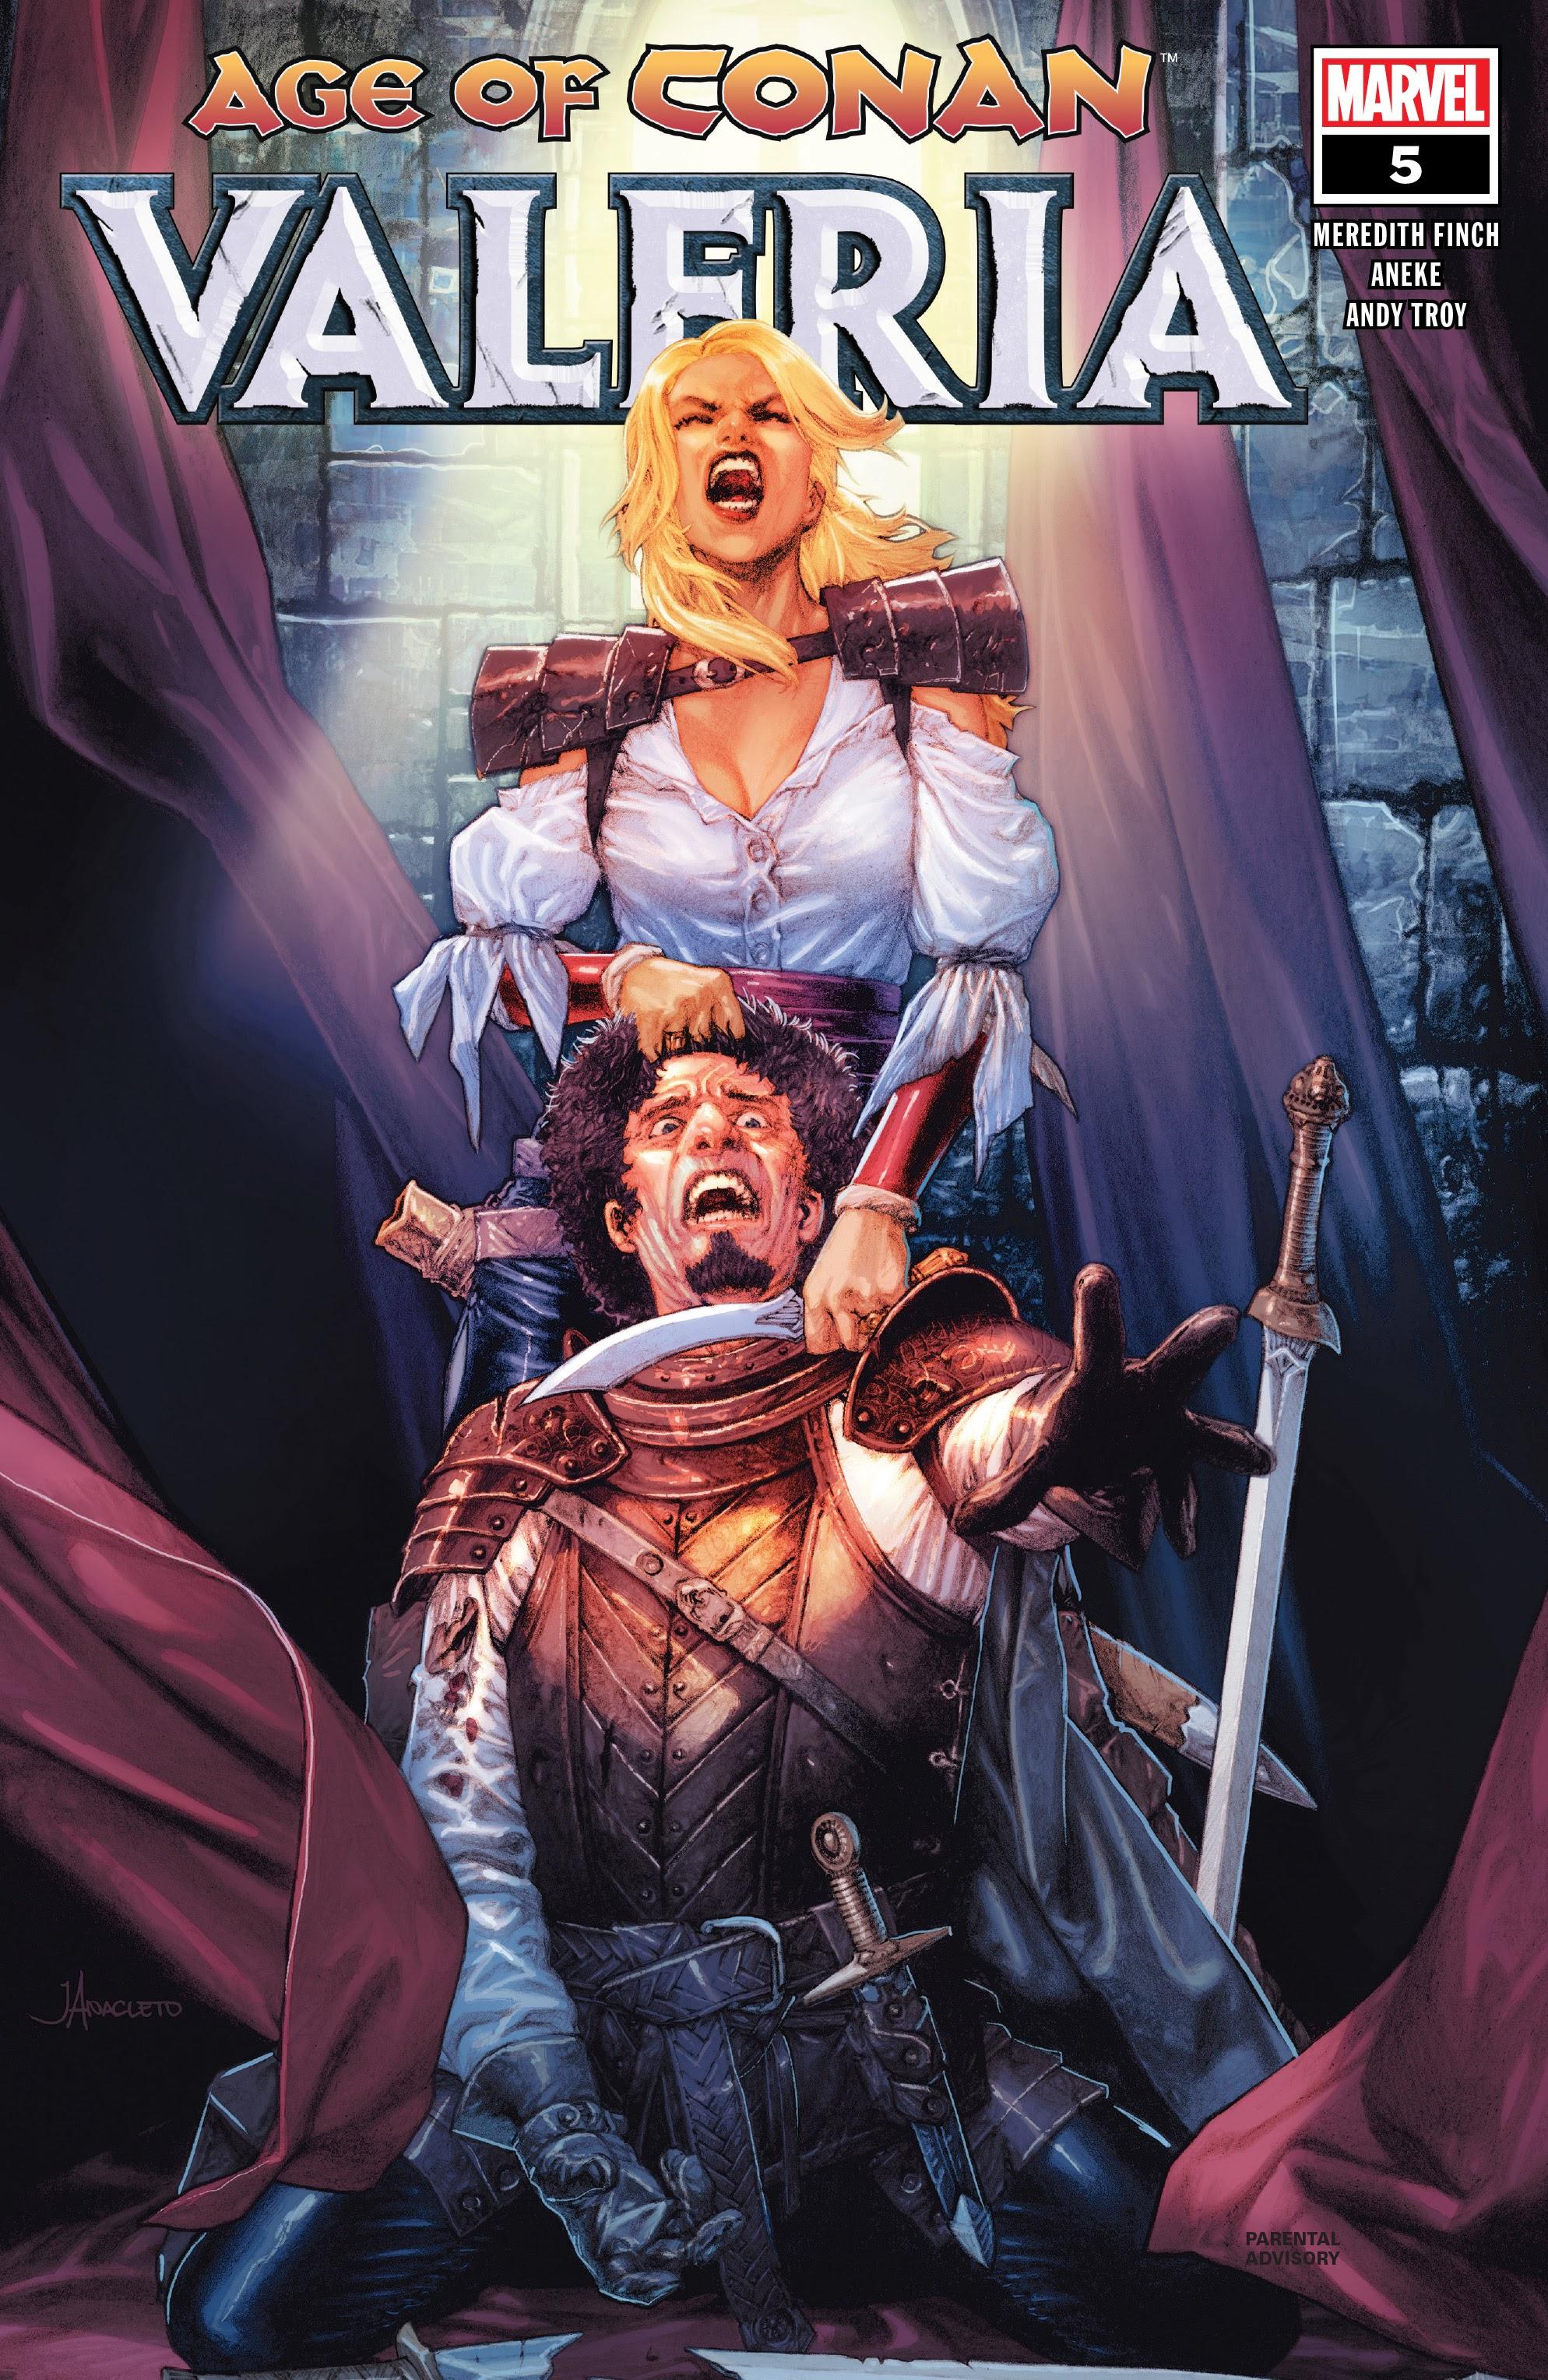 Age of Conan: Valeria 5 Page 1